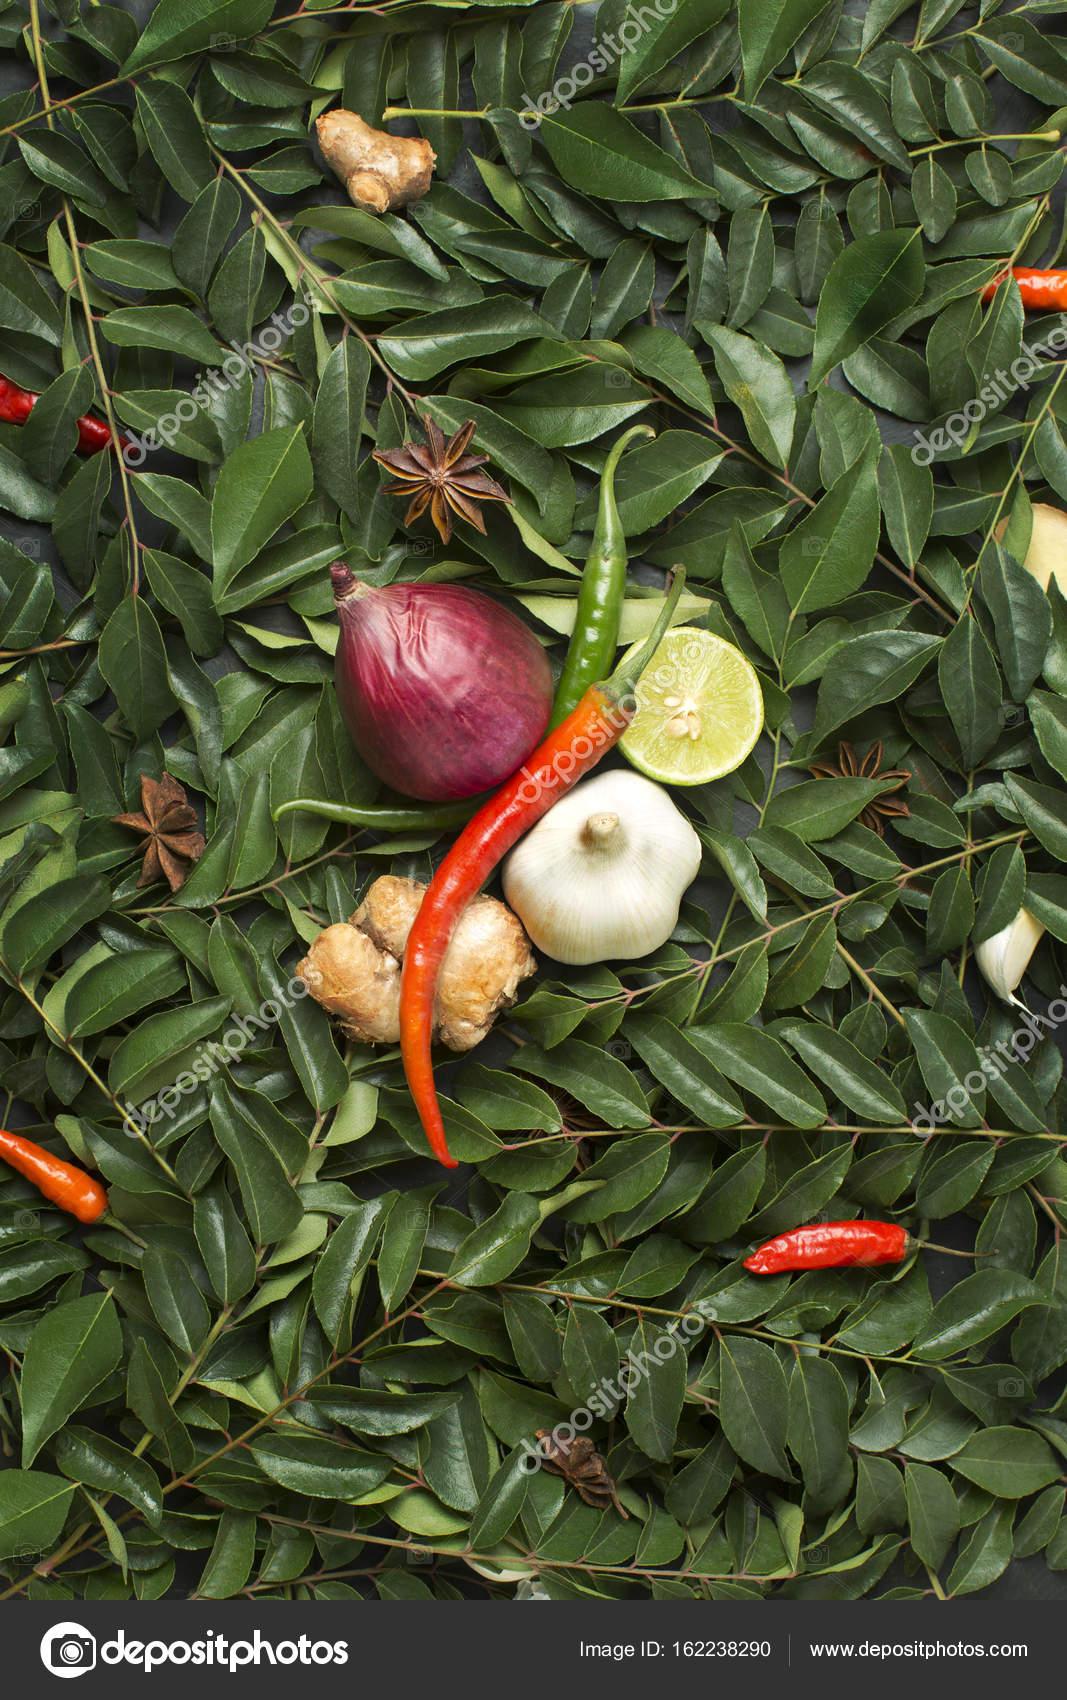 Zutaten Indische Küche | Zutaten Und Gewurze Fur Die Asiatische Und Indische Kuche